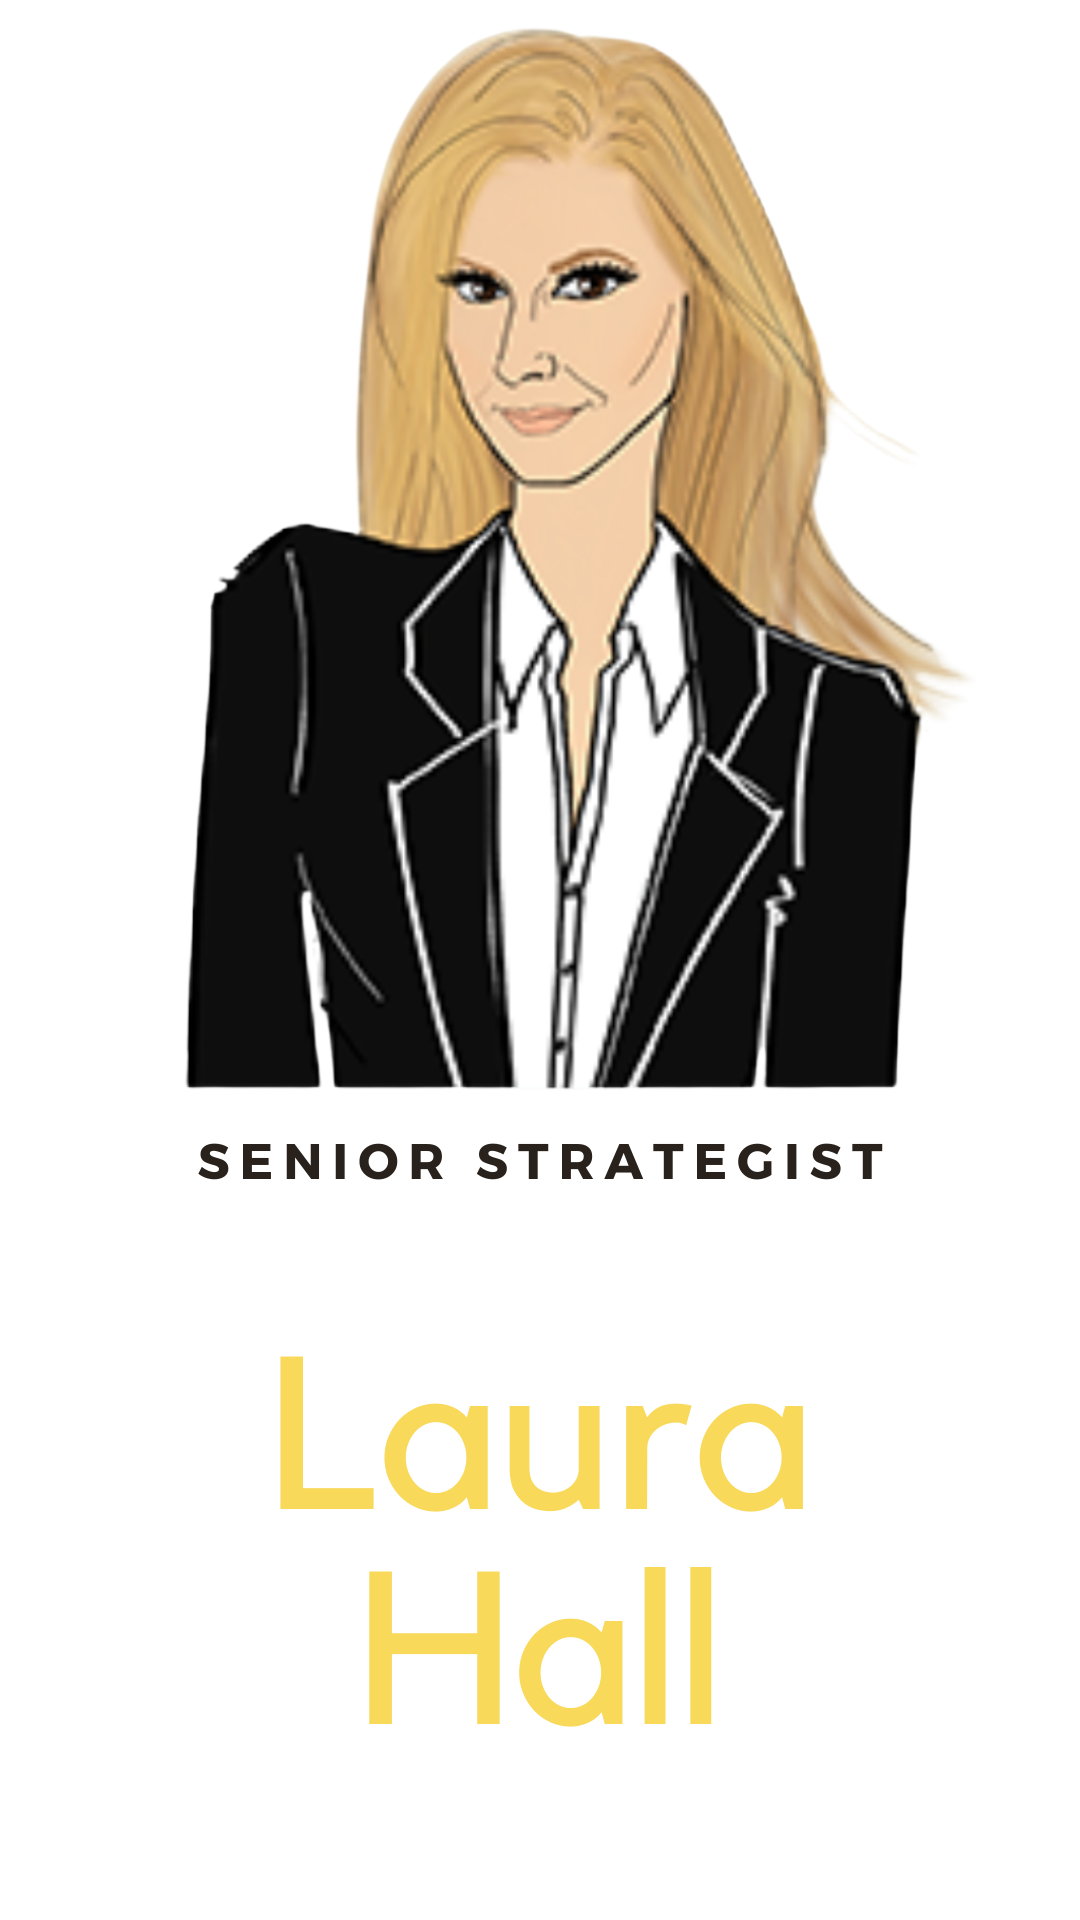 Laura Hall